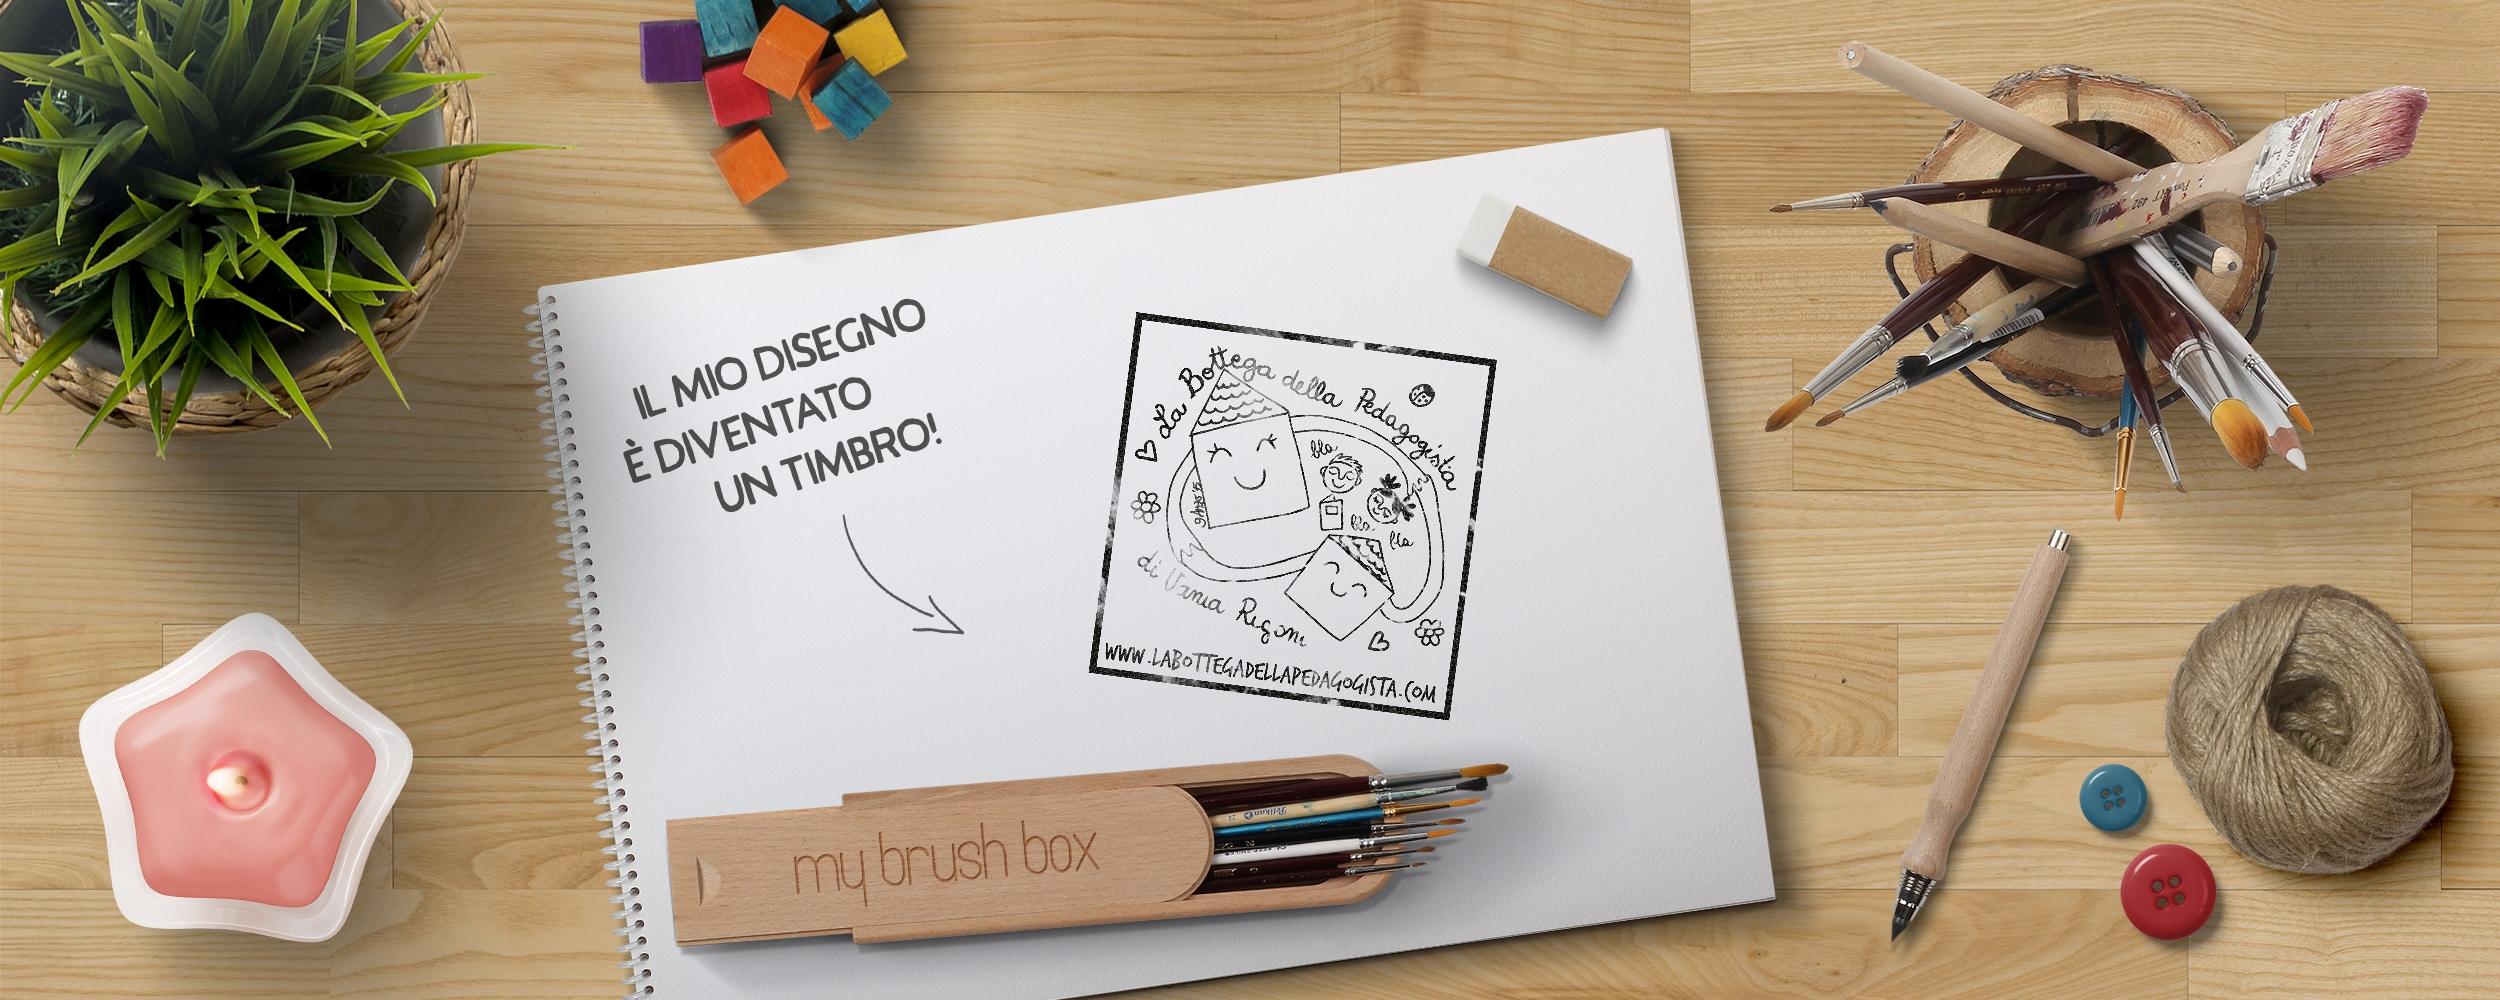 Timbri Personalizzati Per Stoffa home - timbri creativi